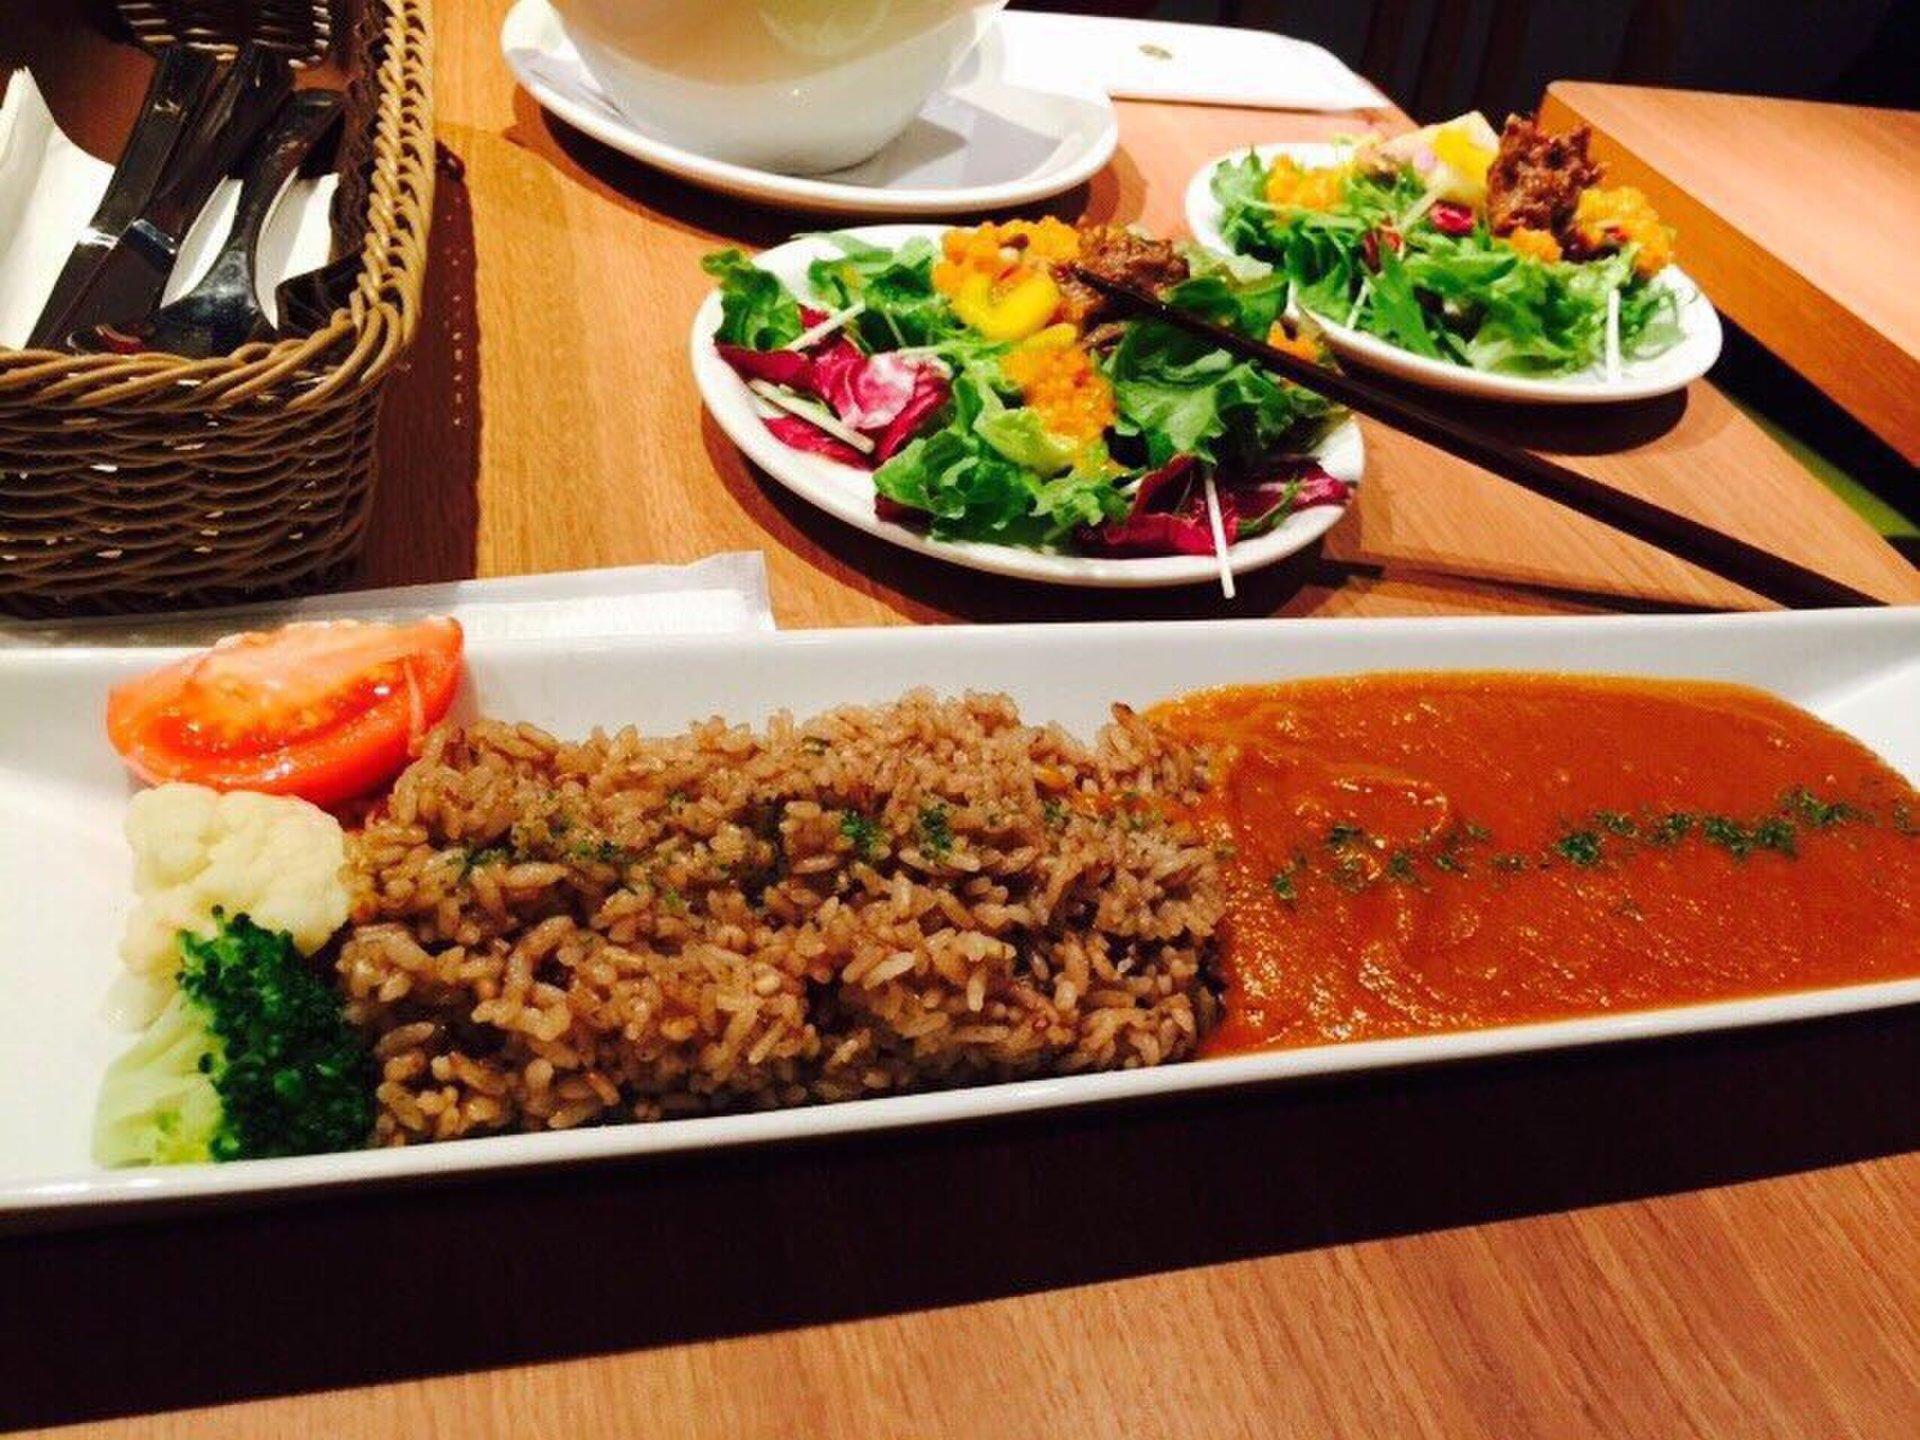 【女性・一人暮らしの方必見☆】恵比寿のコーソカフェに行っちゃえ!からだにいい食事をしよう♪